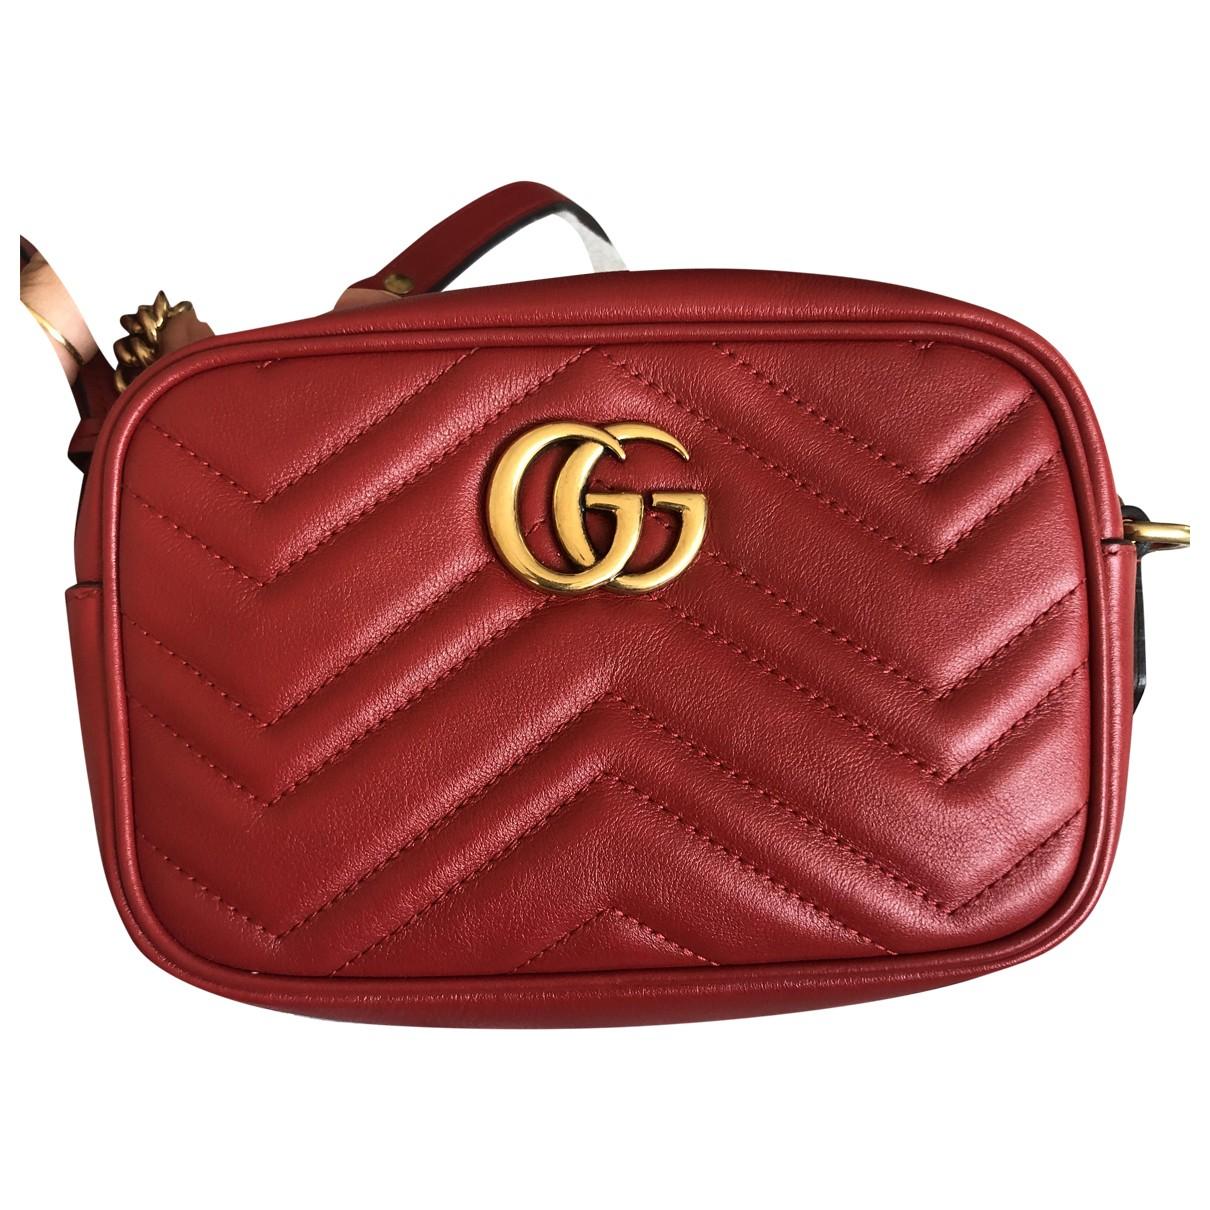 Gucci - Sac a main Marmont pour femme en cuir - rouge